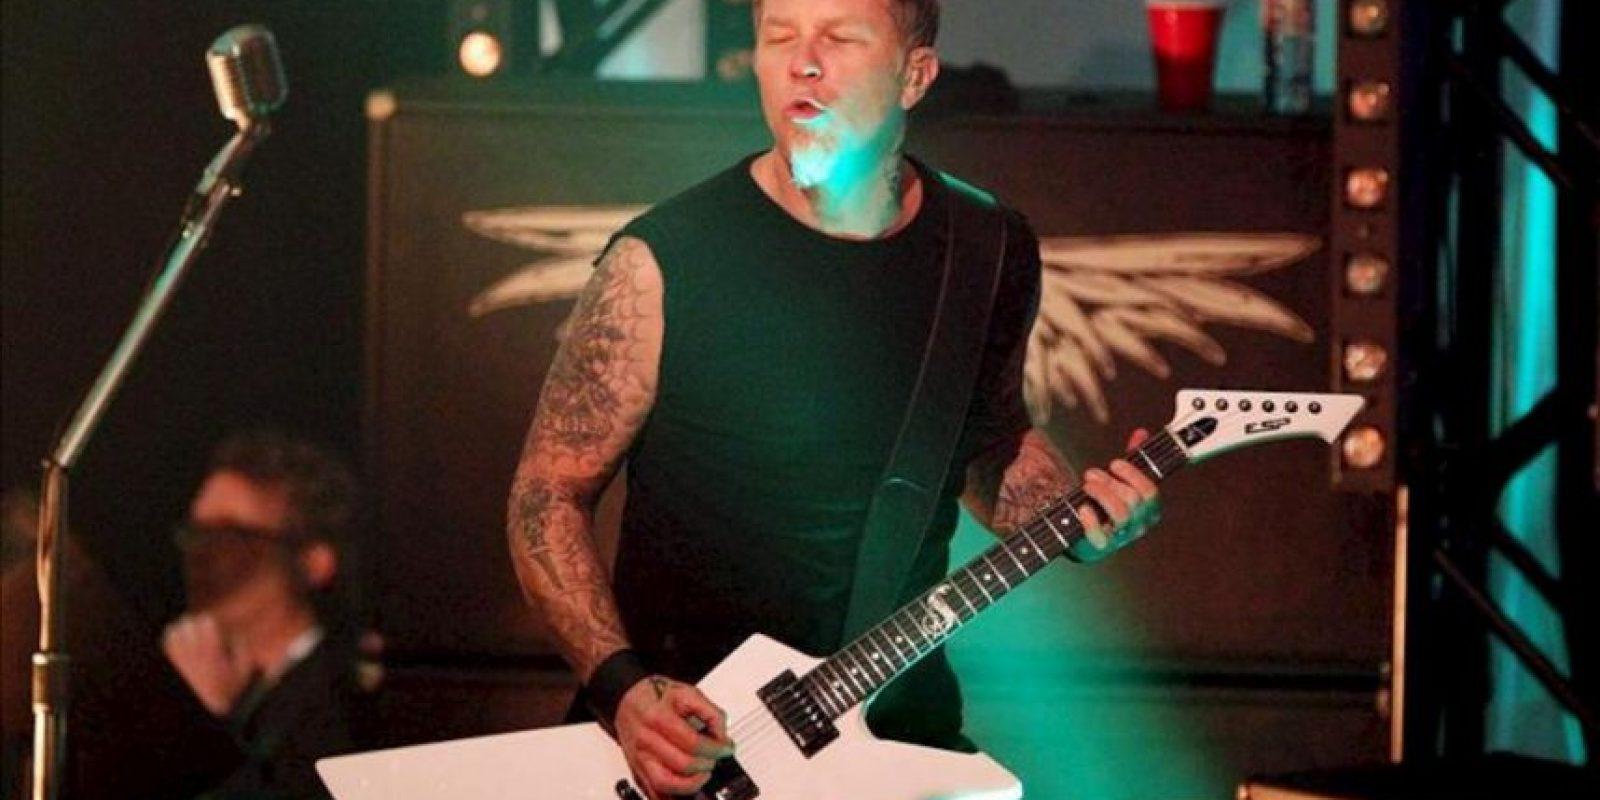 El cantante y guitarrista de la banda estadounidense Metallica, James Hetfield. EFE/Archivo